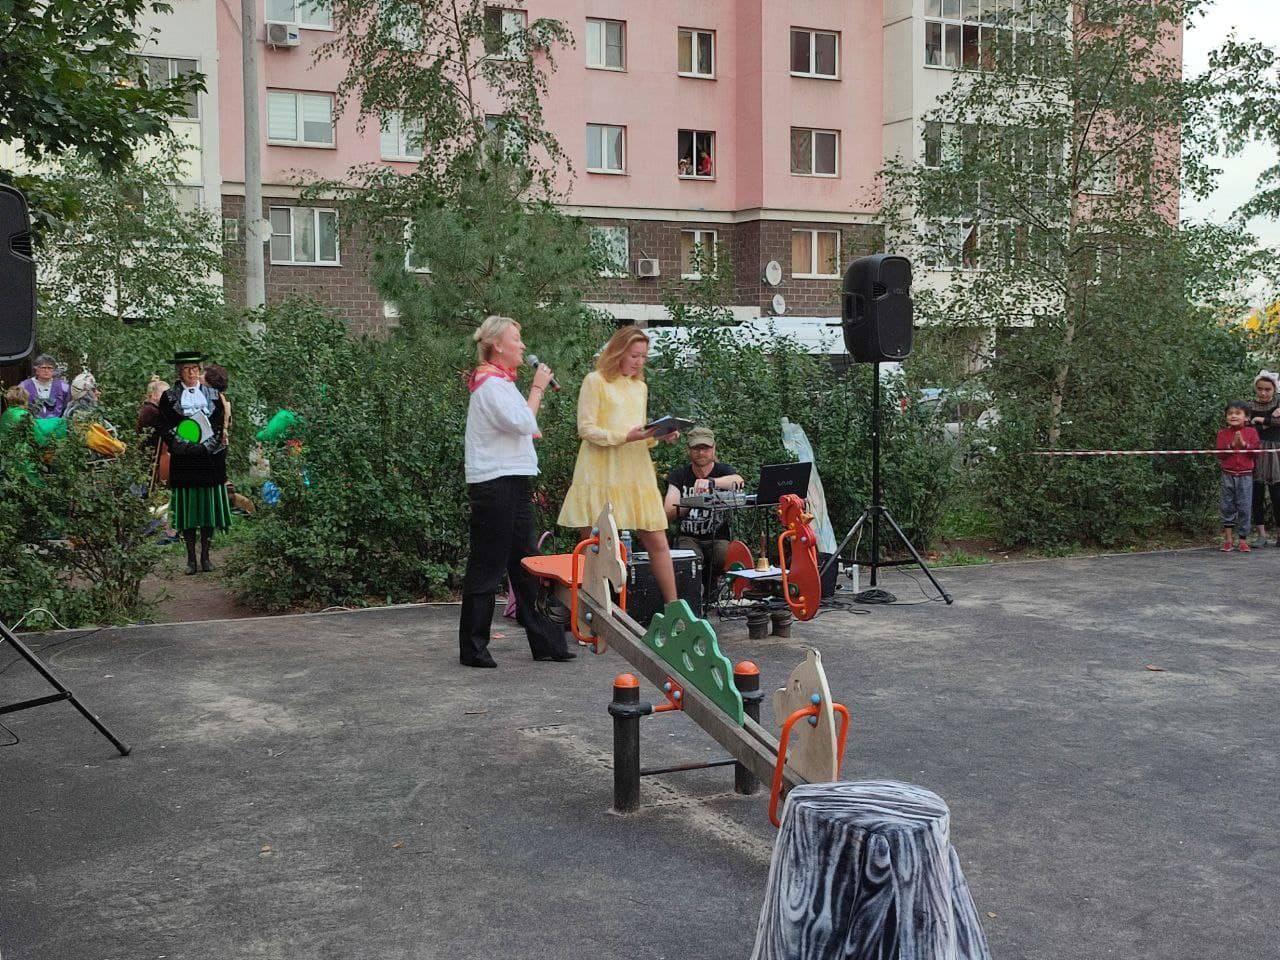 День добрососедства в Котельниках отметили концертом и угощениями | Изображение 1